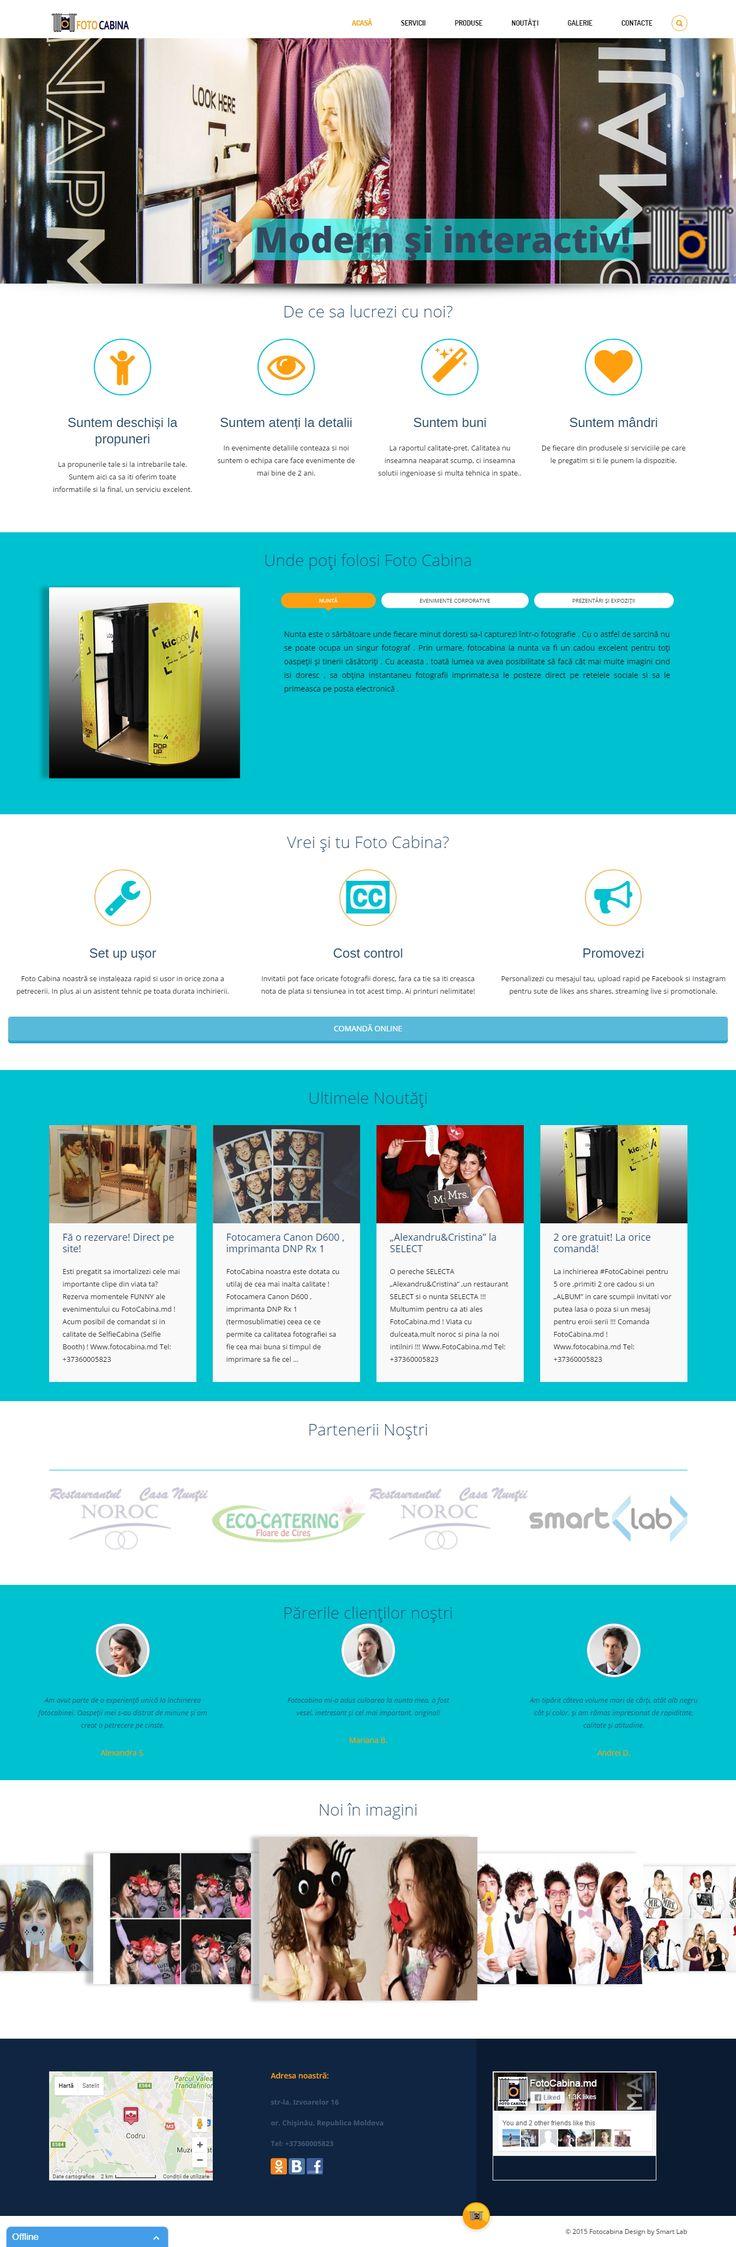 Smart Lab a realizat un website full responsive (pentru toate dispozitivele) , peste 20 de pagini, meniu divizat pe categorii, magazin online inclus, pentru mai multe detalii accesați: http://fotocabina.md/